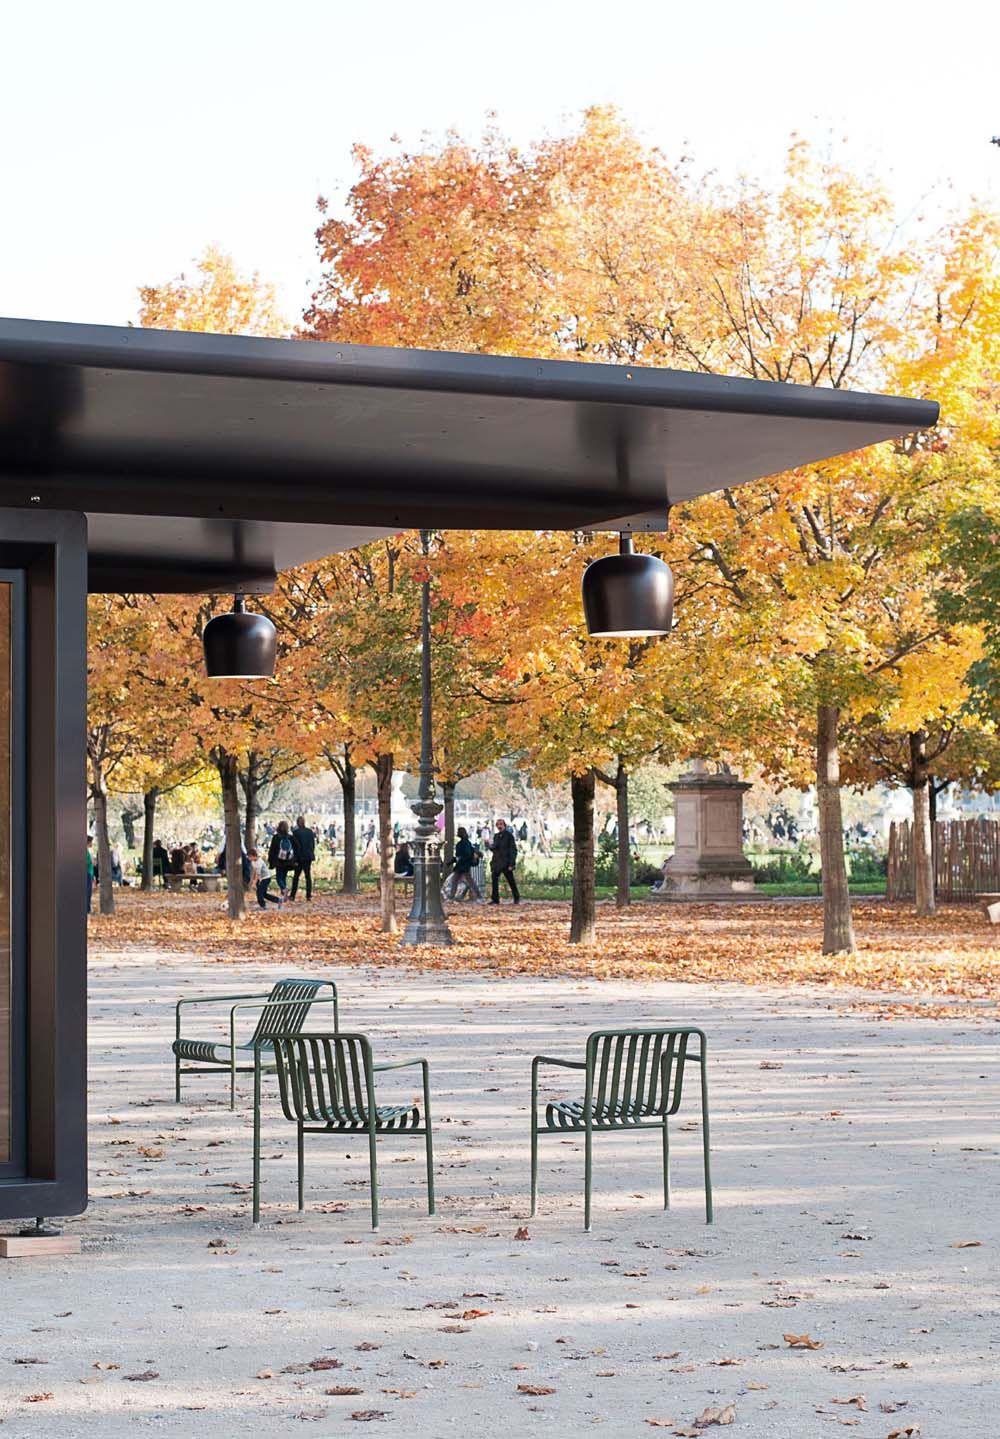 kiosque-by-ronan-erwan-bouroullec_17 | Public | Urban furniture ...